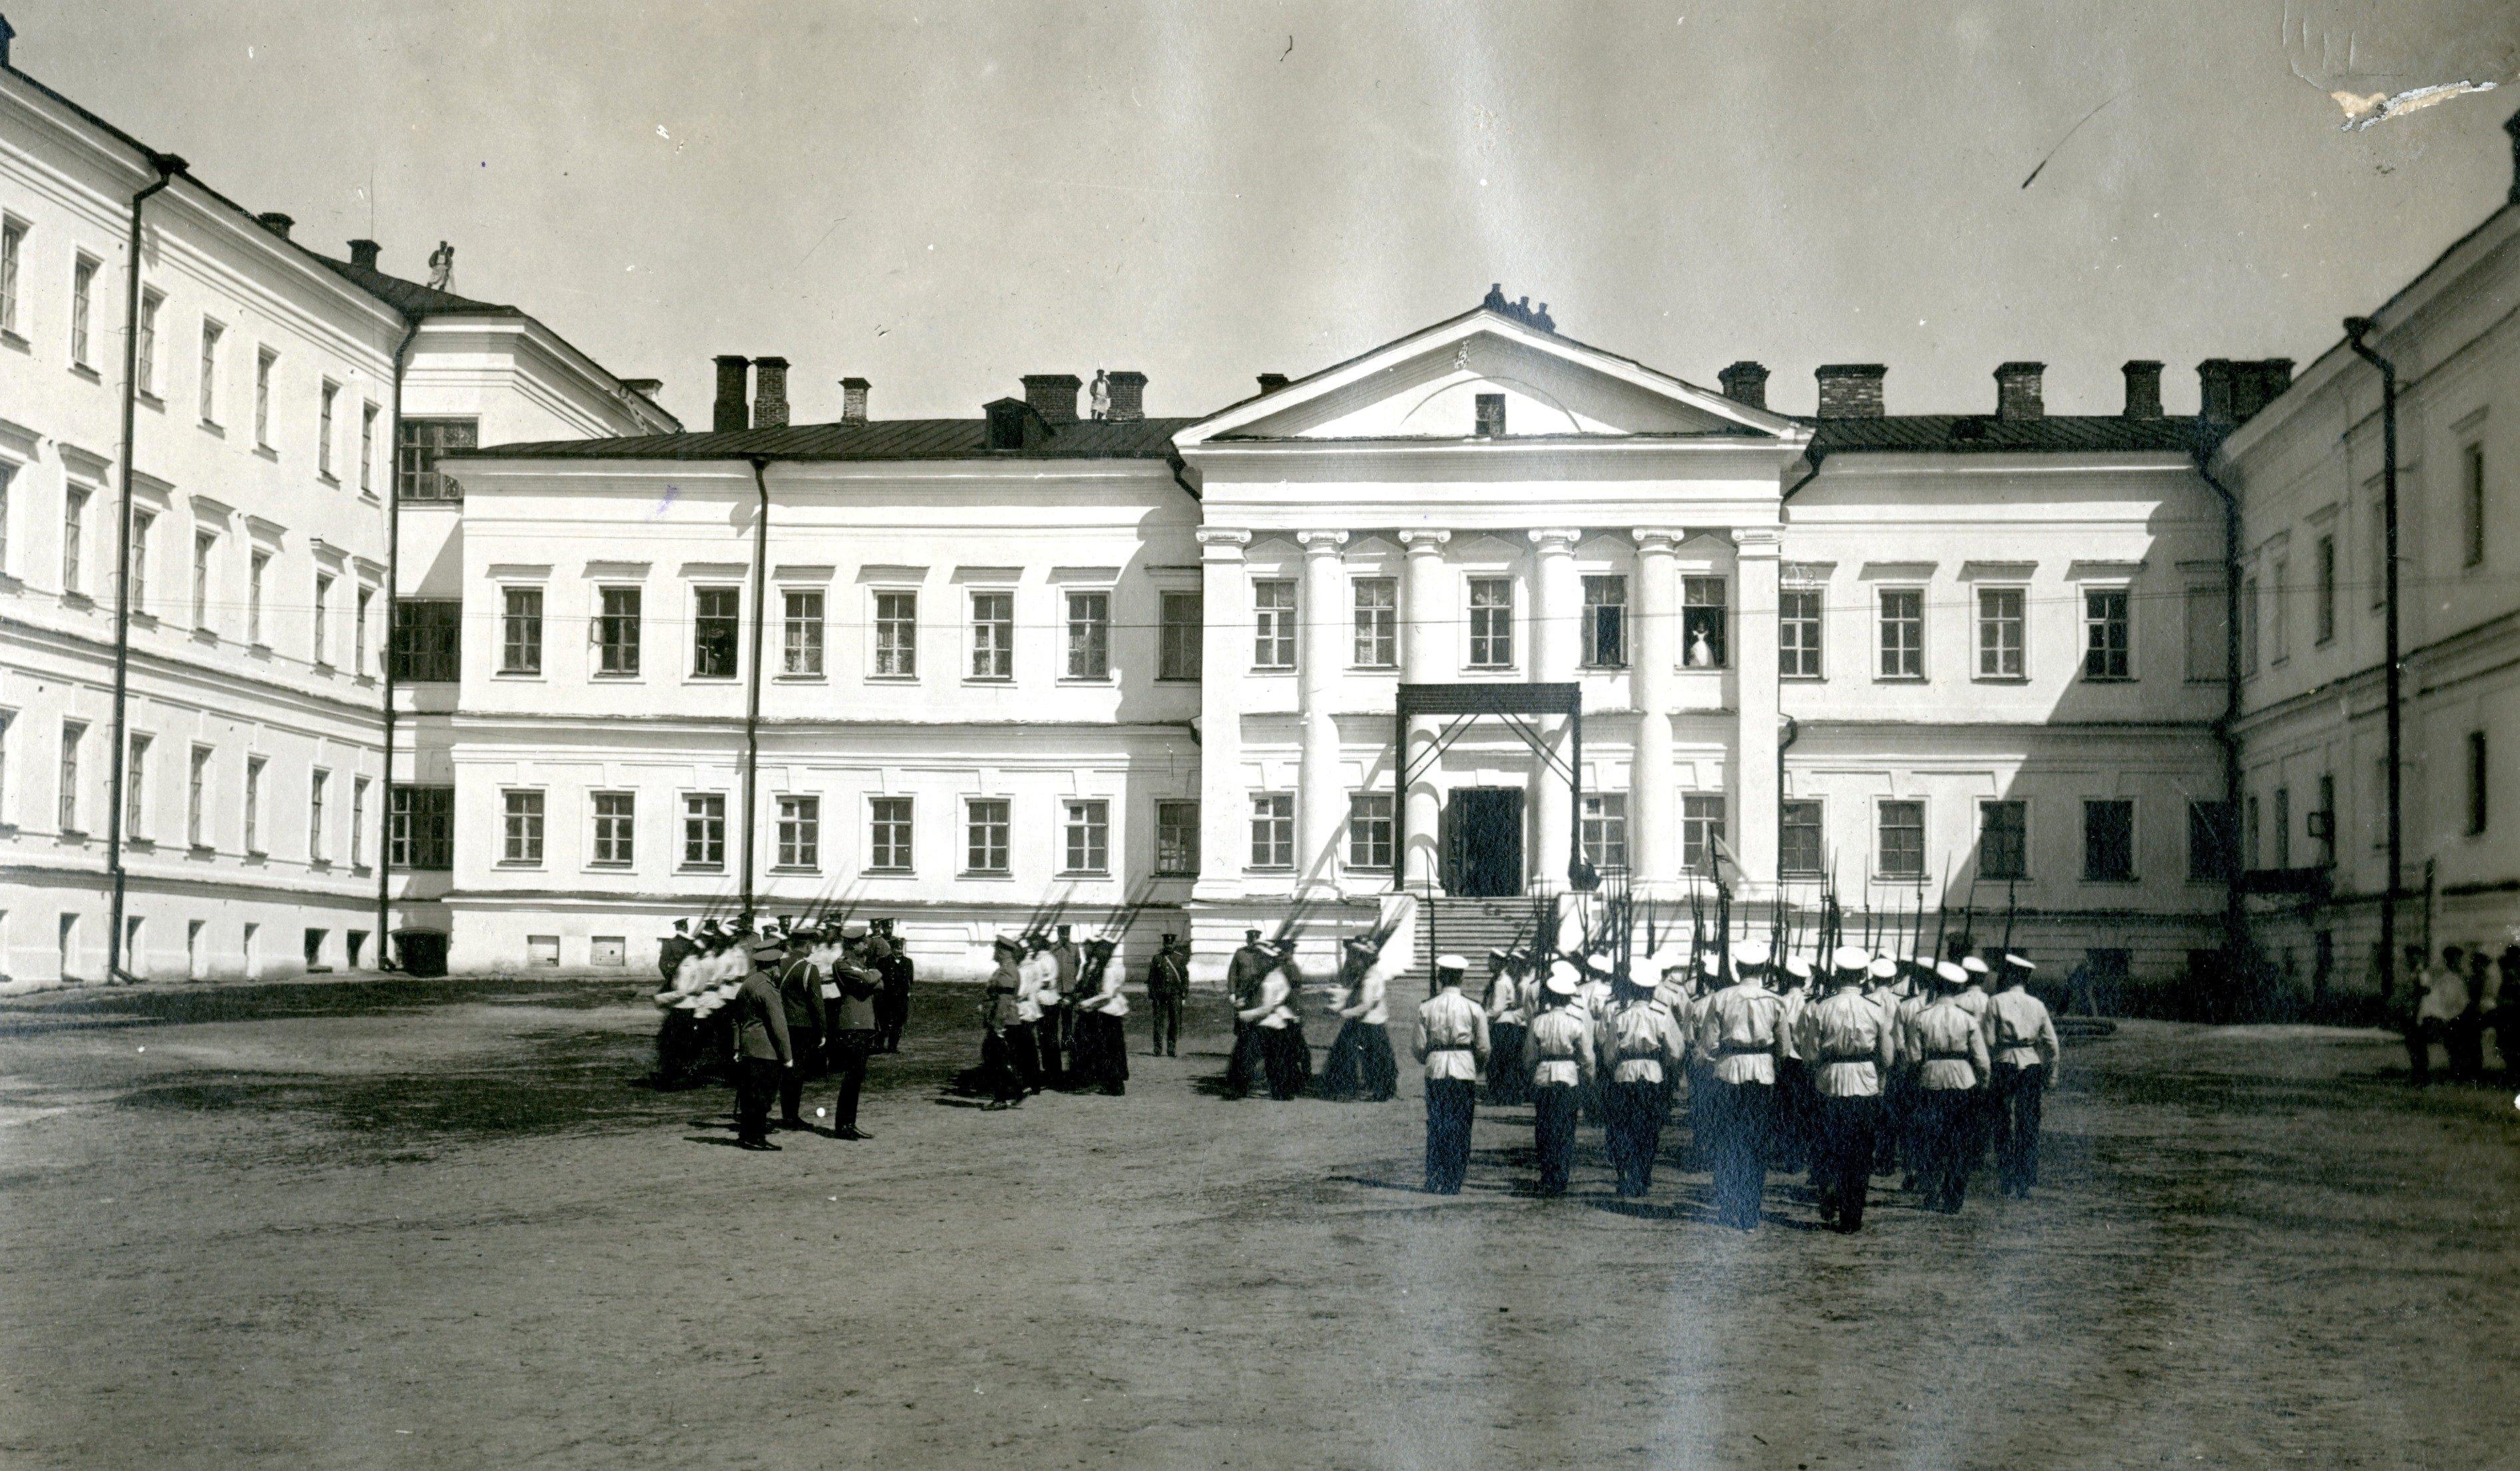 Смотр фронтового учения 1-й роты Омского кадетского корпуса, великим князем Константином Константиновичем  2 мая 1909 г.